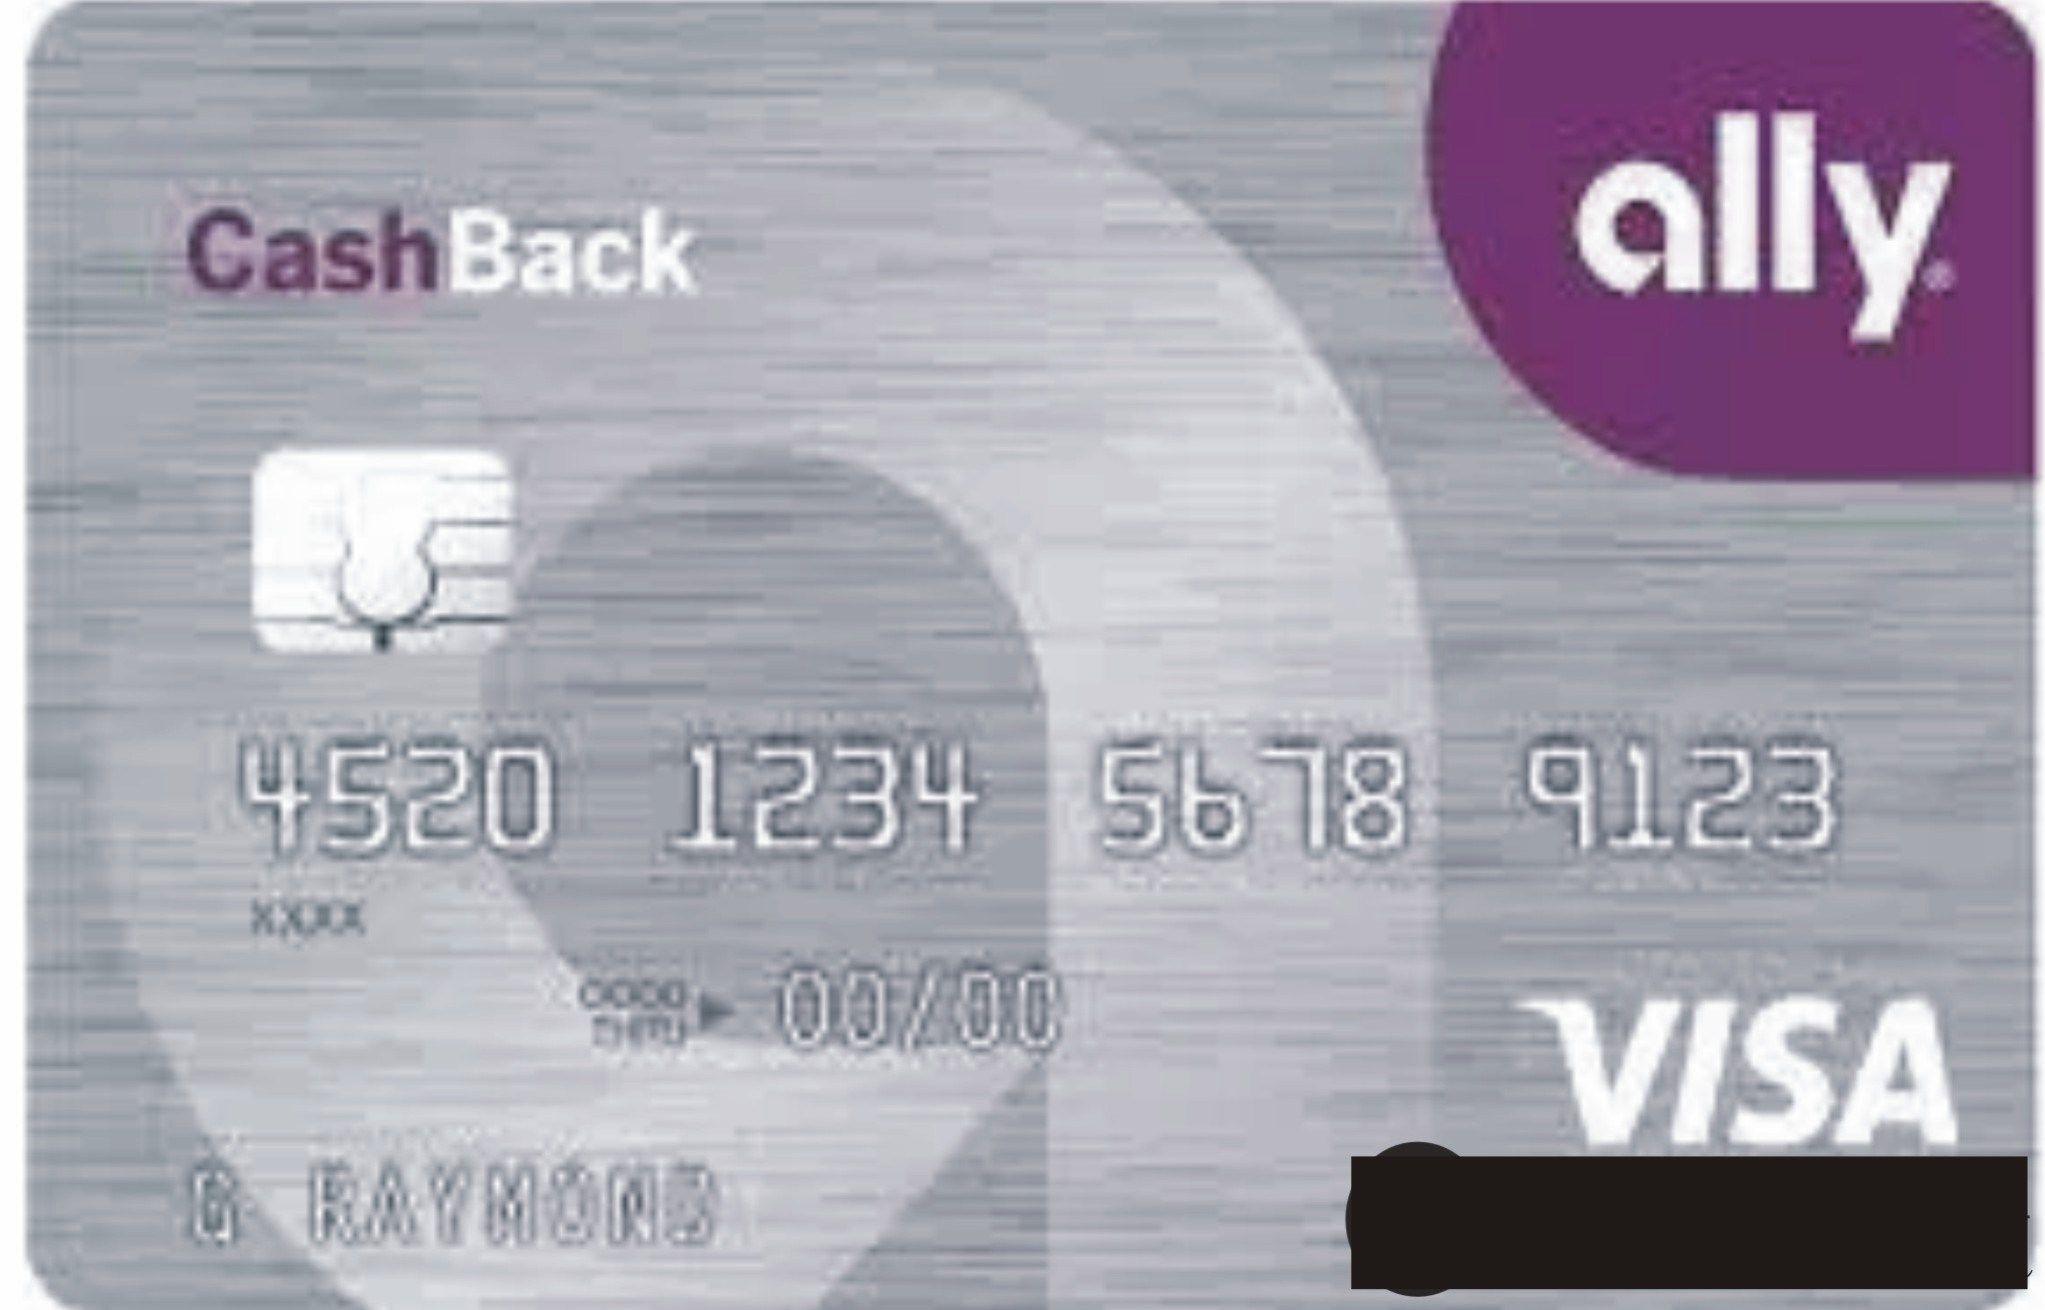 Ally bank secured rewards card rewards credit cards